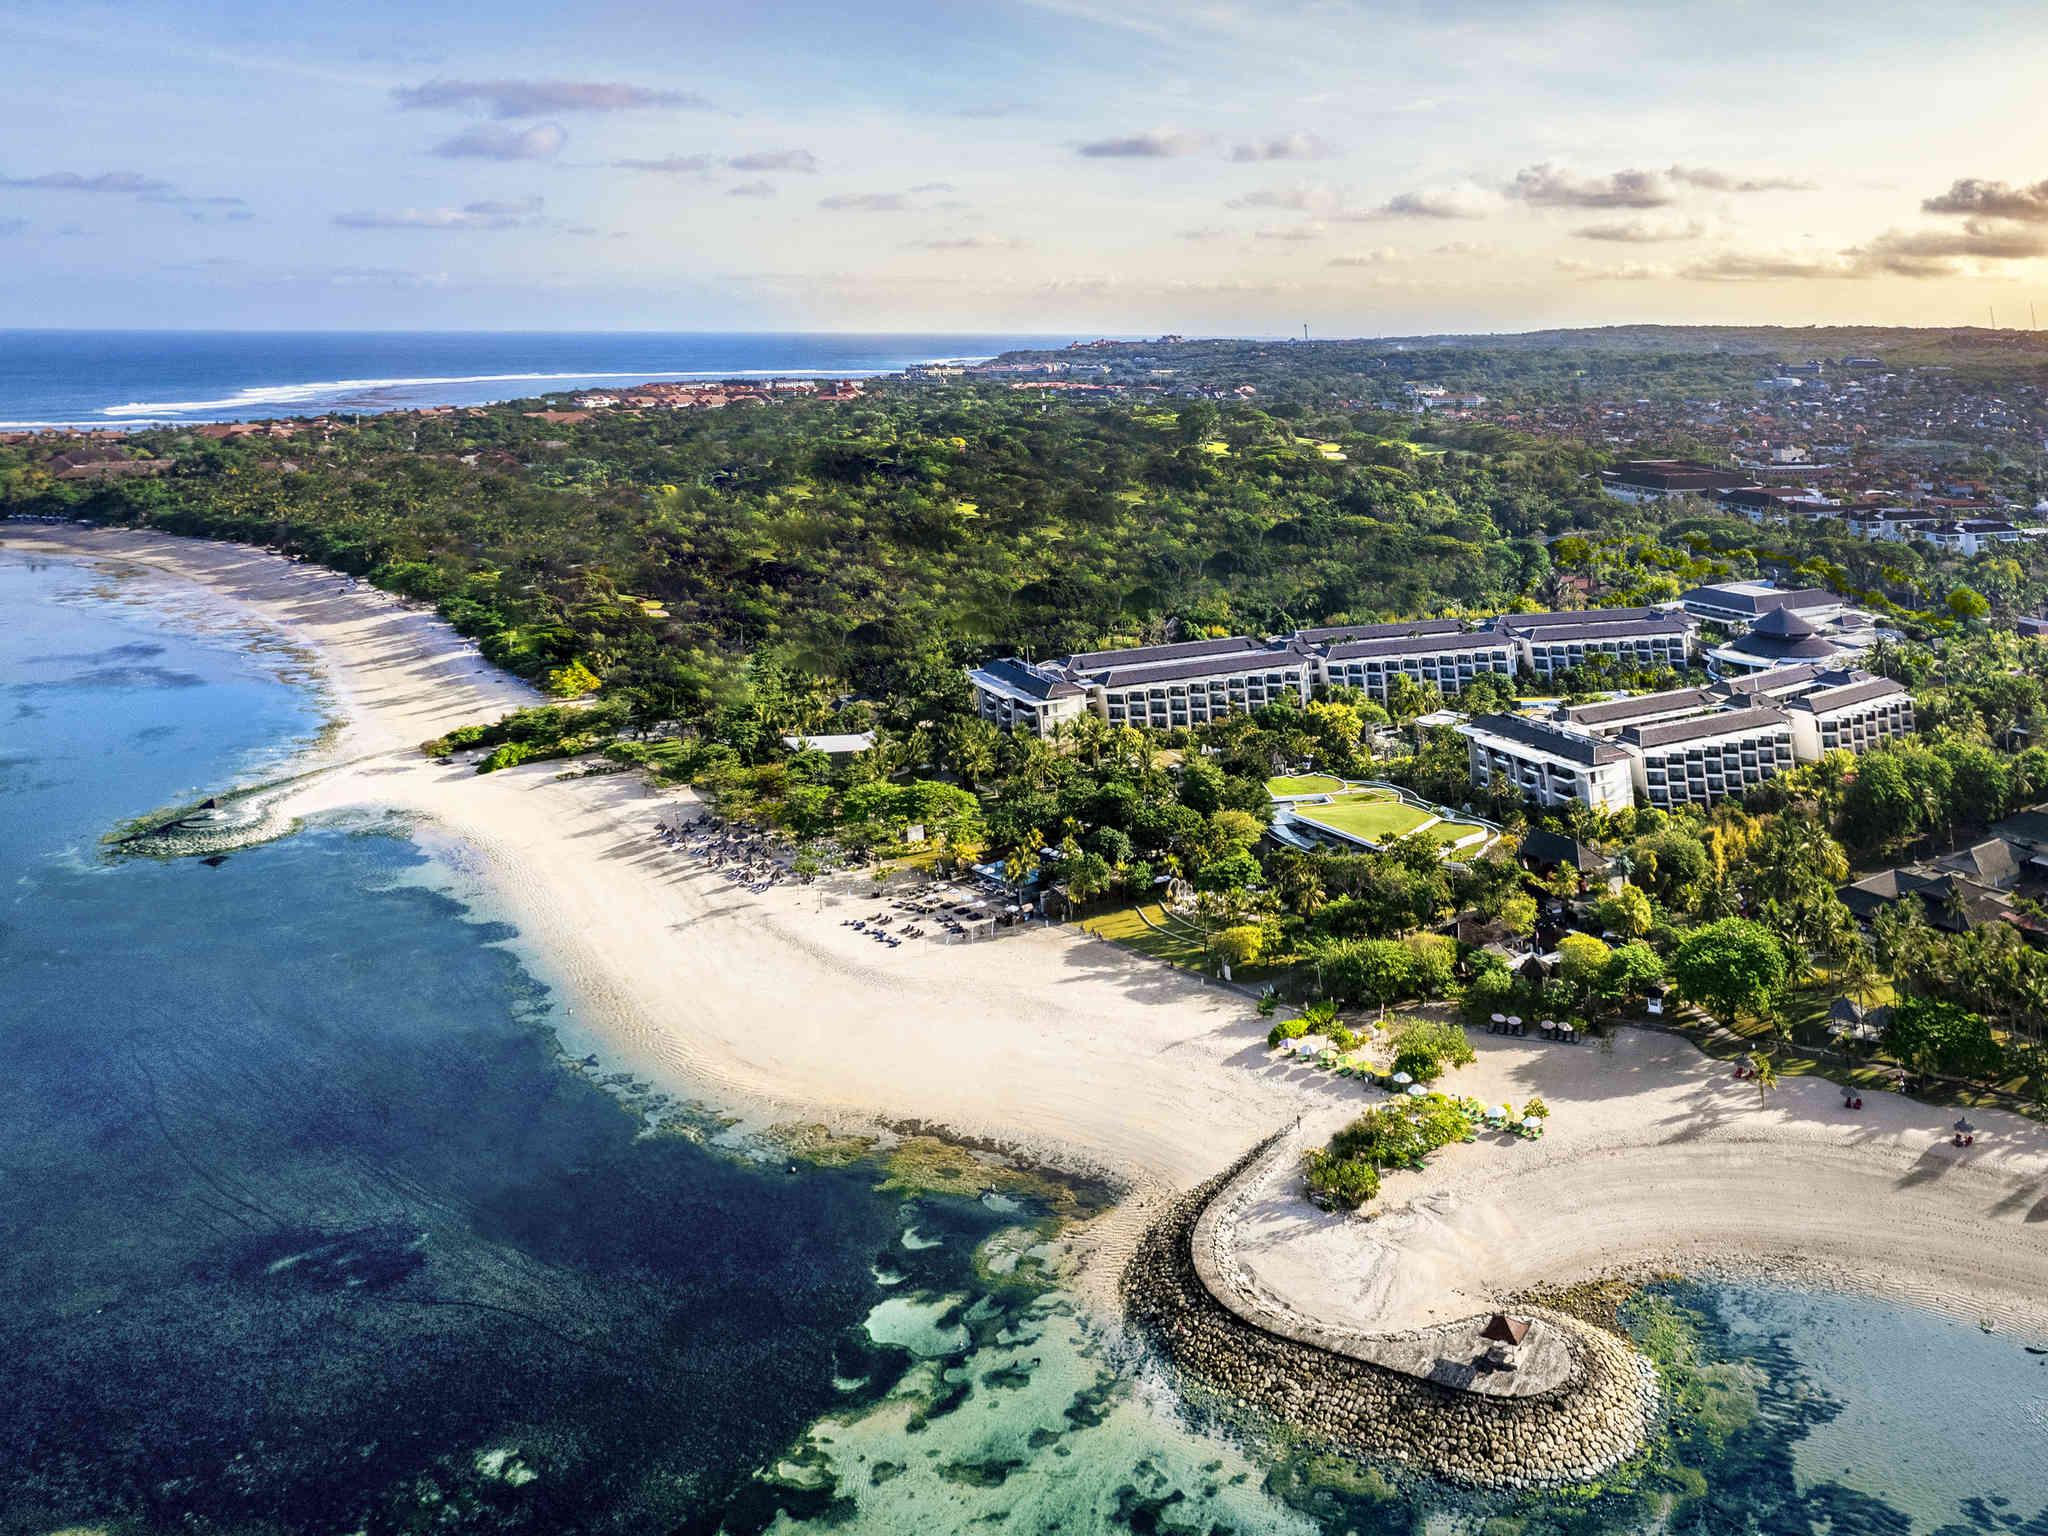 Otel – Sofitel Bali Nusa Dua Beach Resort